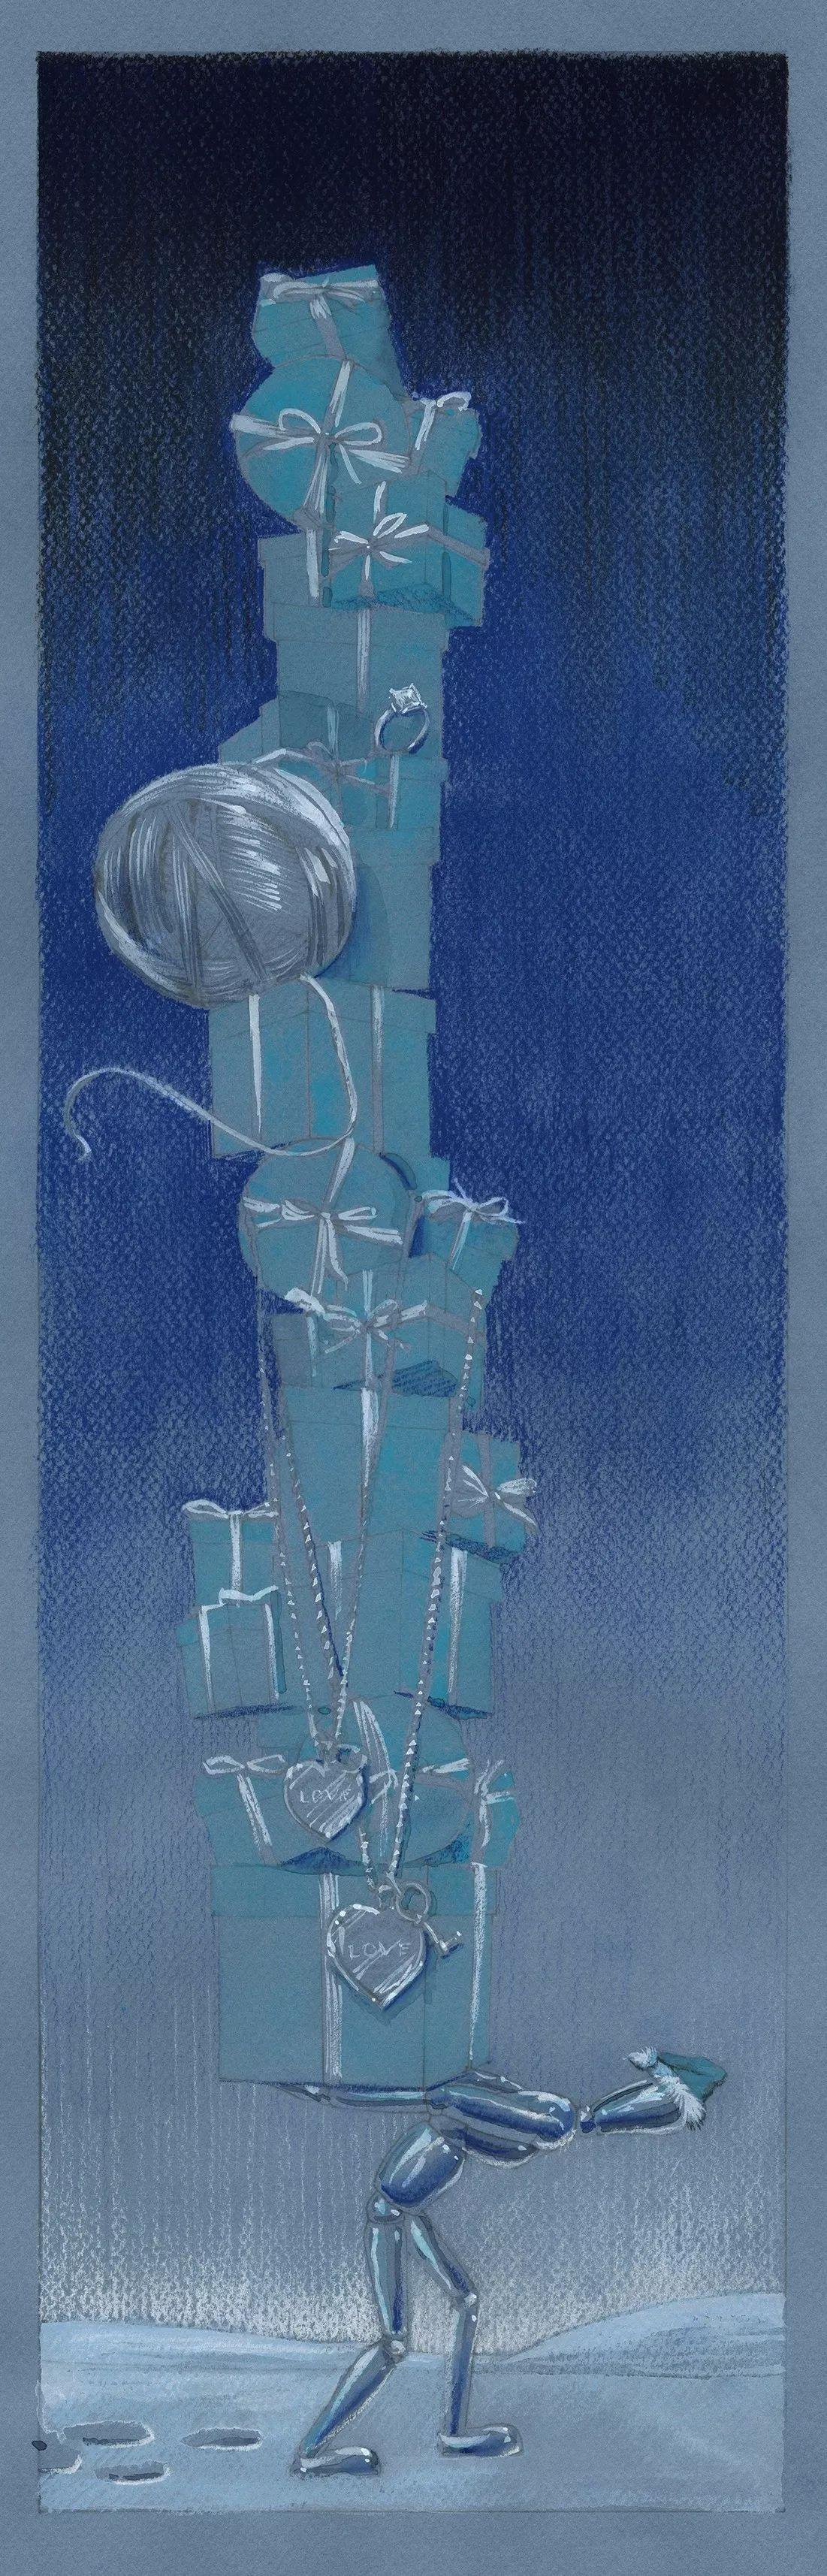 奇幻圣诞橱窗手绘图